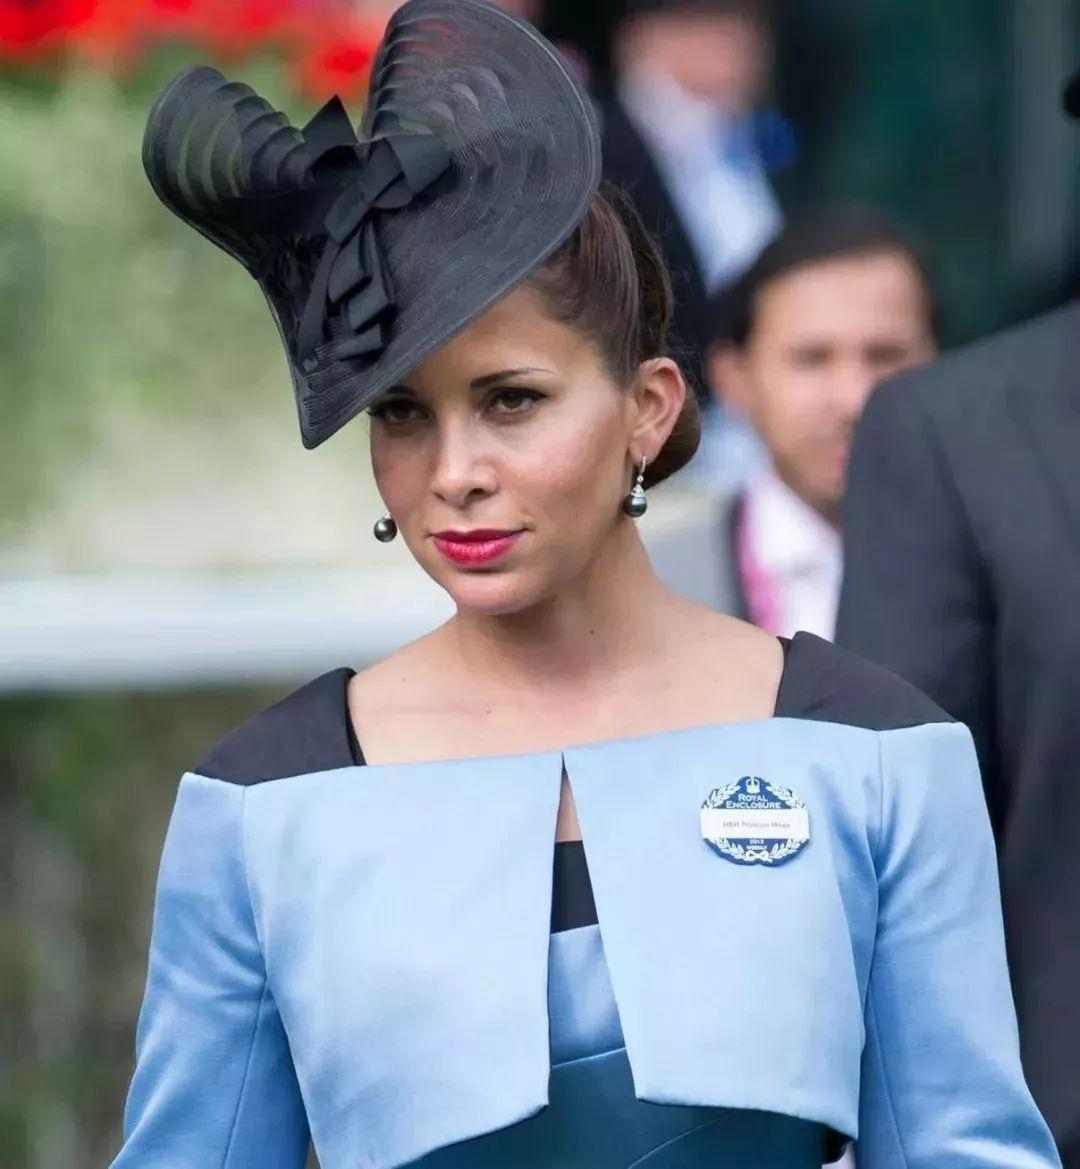 迪拜王妃携2.6亿巨款和两个孩子出逃:王室生活可不是偶像剧